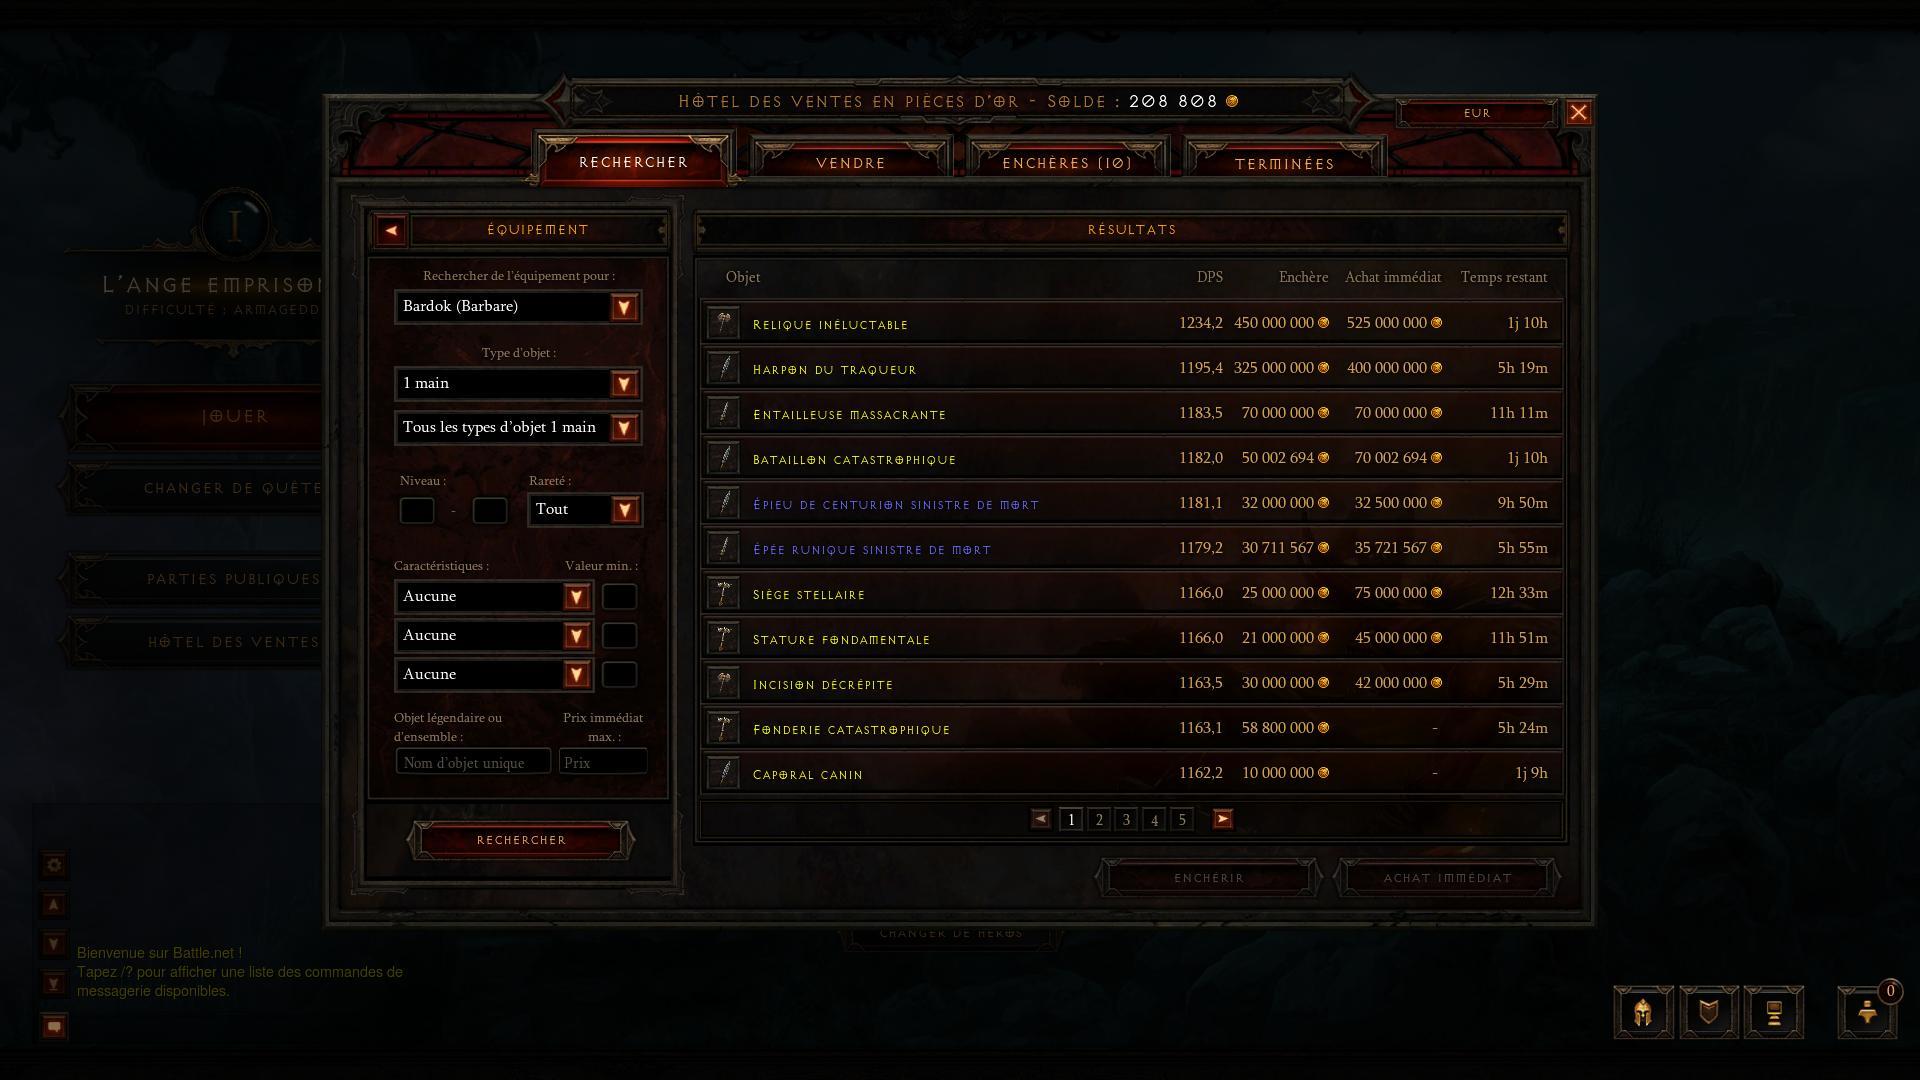 Diablo III : L'hôtel des ventes